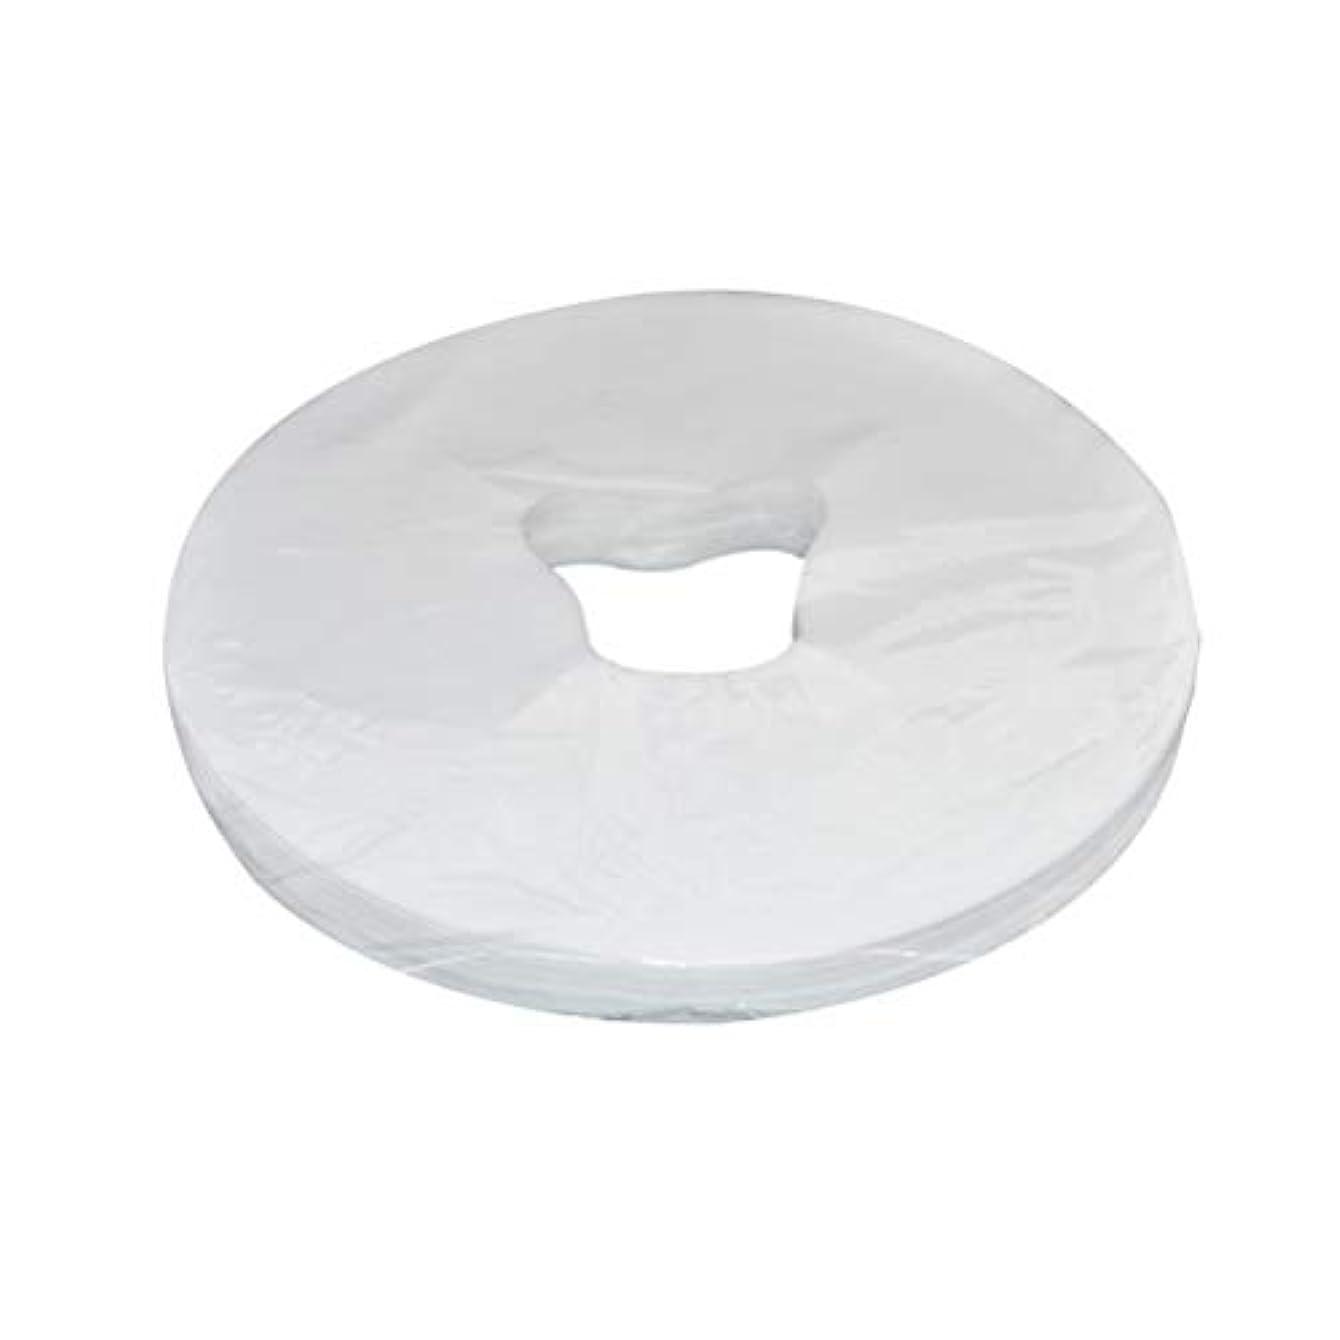 仲人フィドルグラフィックHealifty 29x28cm使い捨てフェイスマッサージカバーフェイスホールピローパッド100枚(ホワイト)